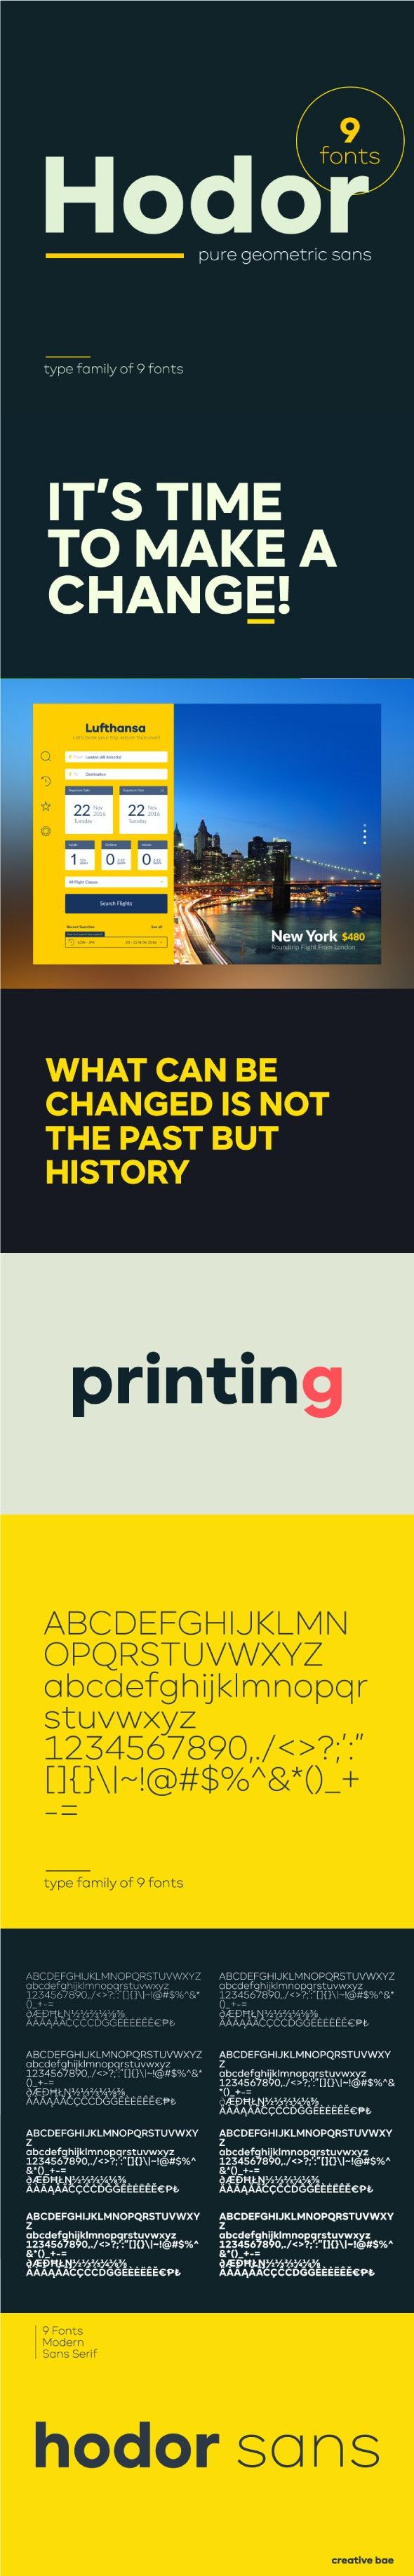 Hodor Sans Serif Font - Miscellaneous Sans-Serif